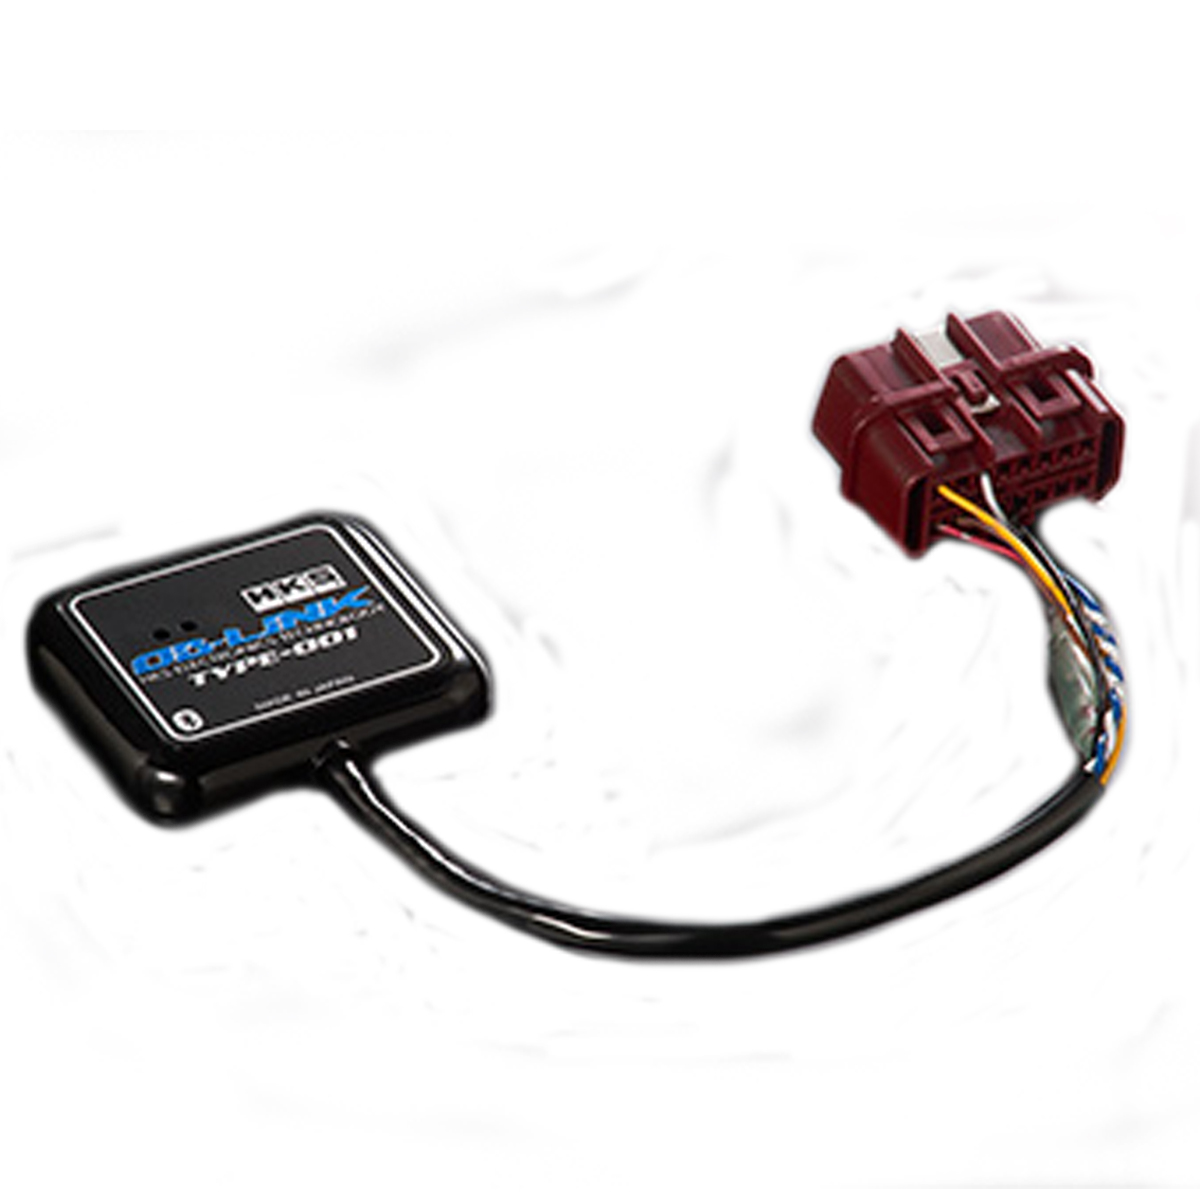 キャラバンコー チ モニター OBリンク タイプ 001 QE25 HKS 44009-AK002 エレクトリニクス